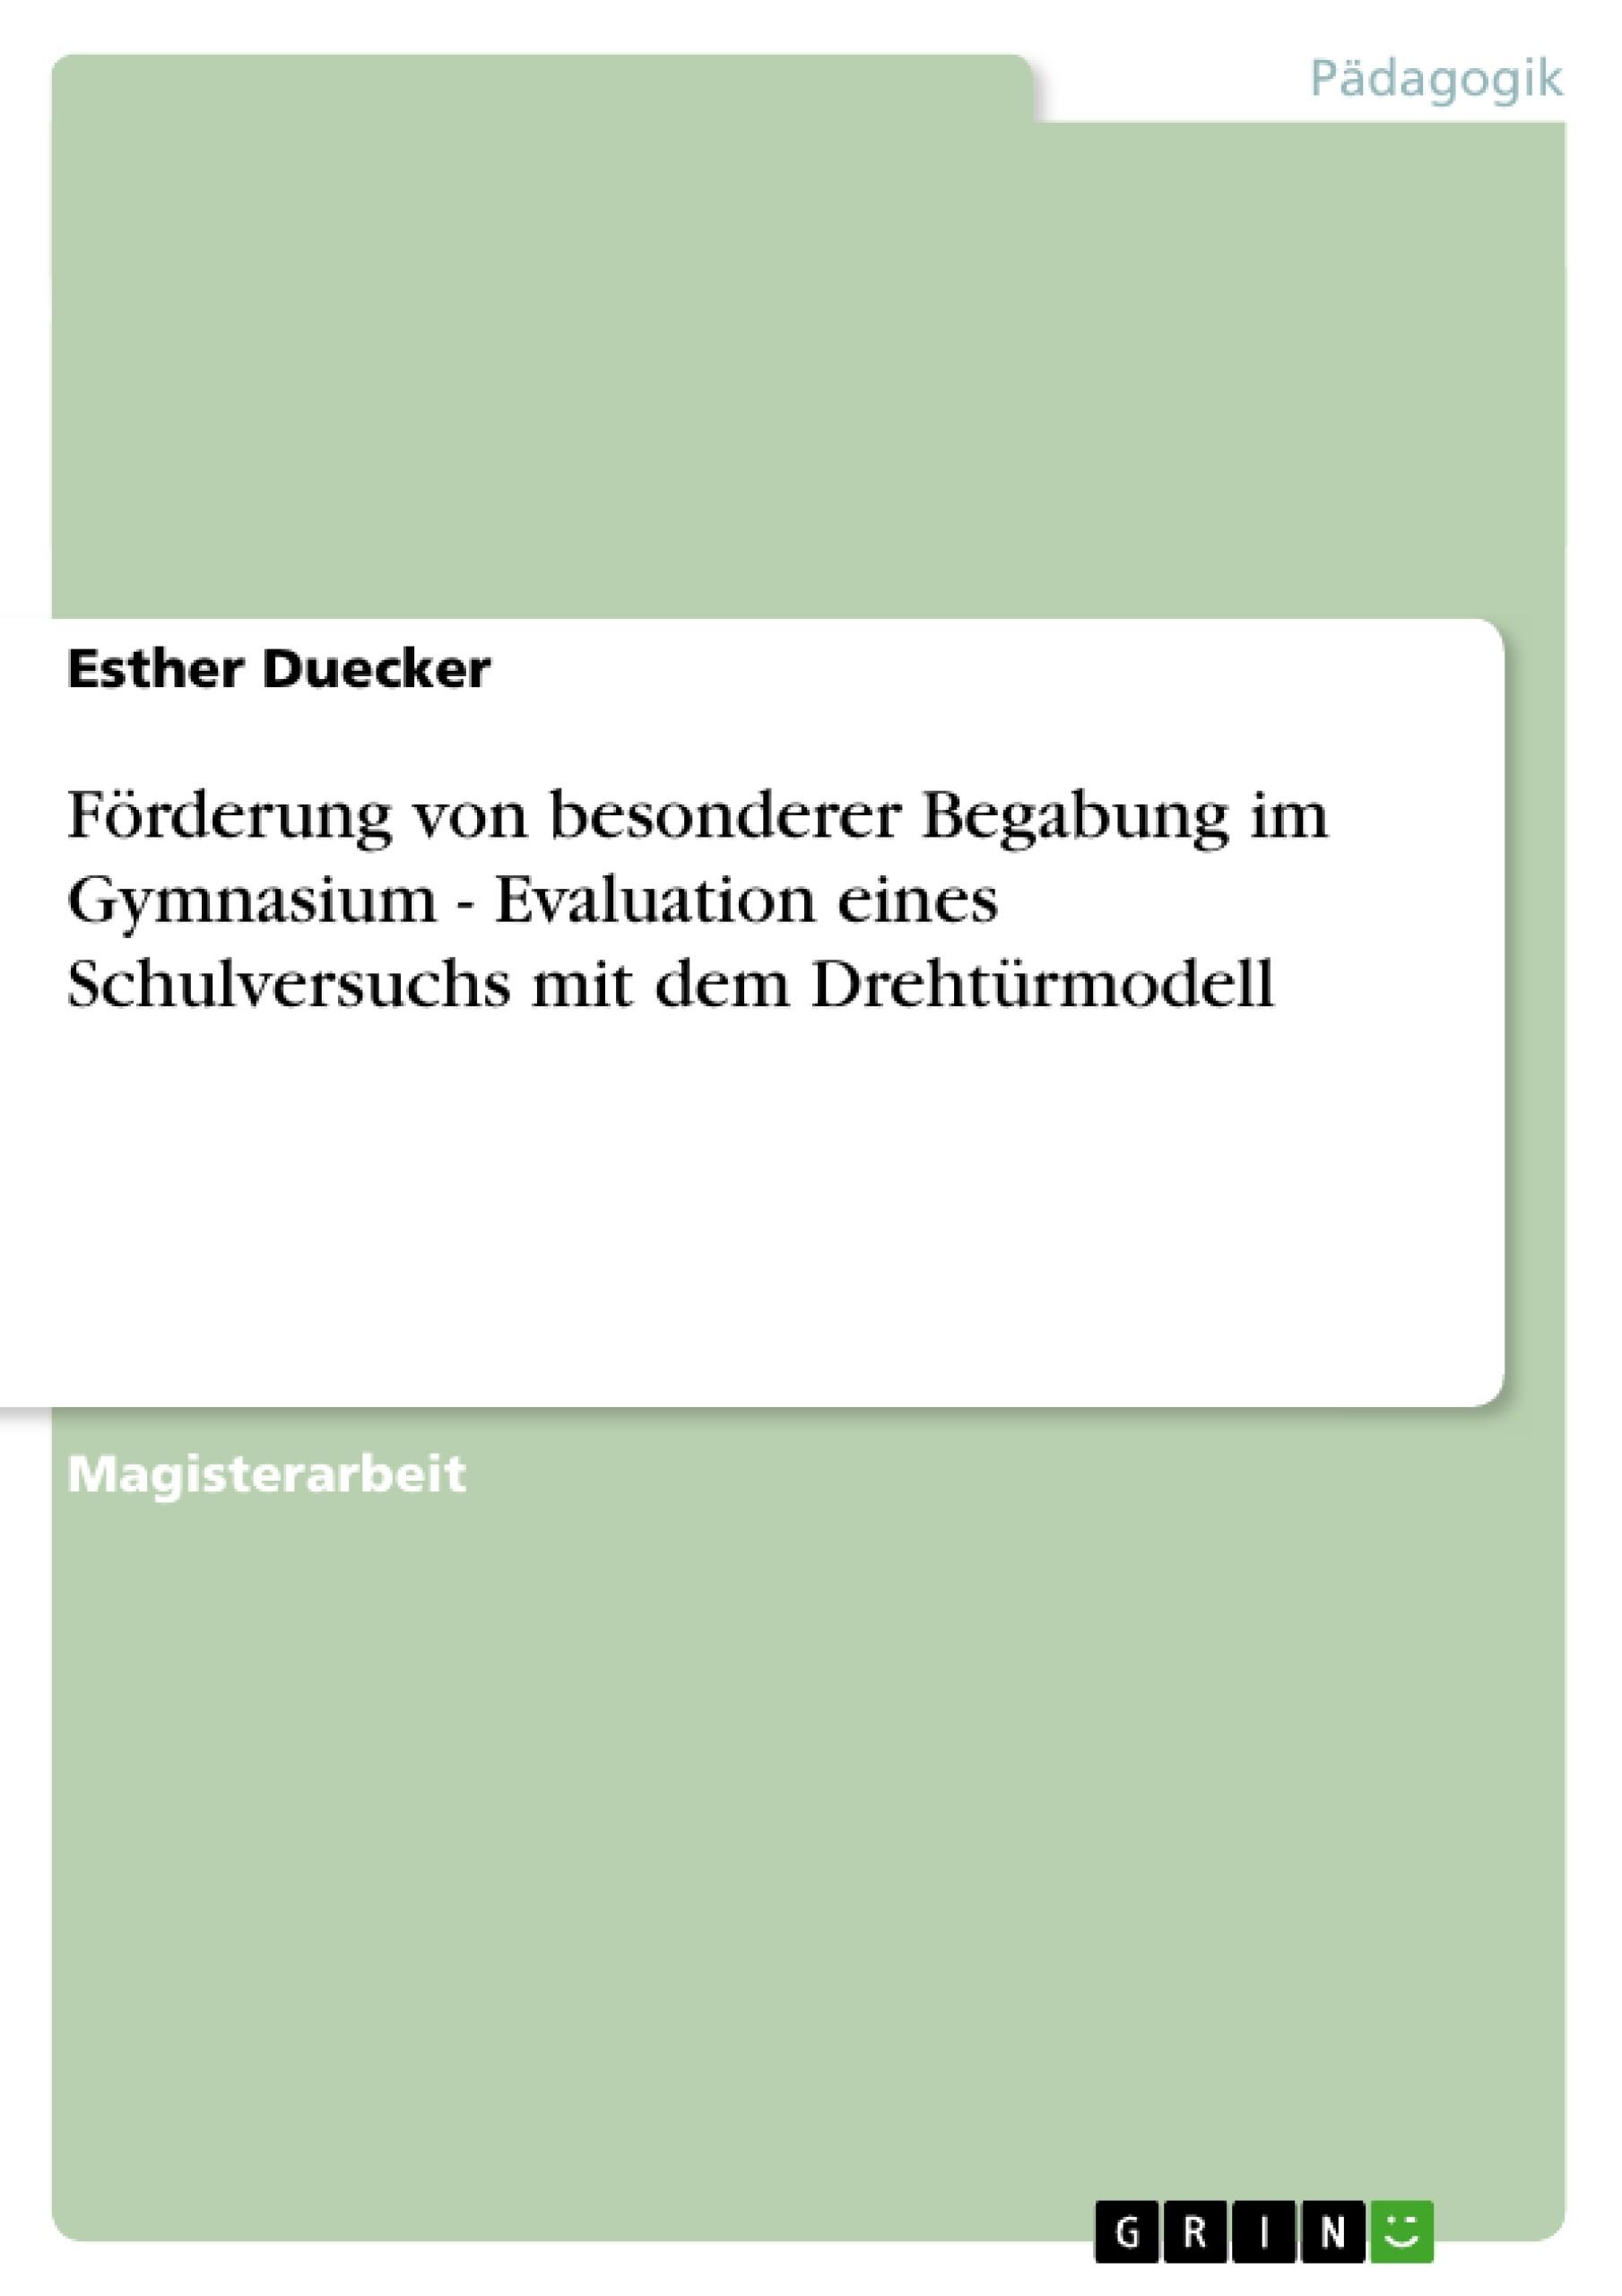 Titel: Förderung von besonderer Begabung im Gymnasium - Evaluation eines Schulversuchs mit dem Drehtürmodell